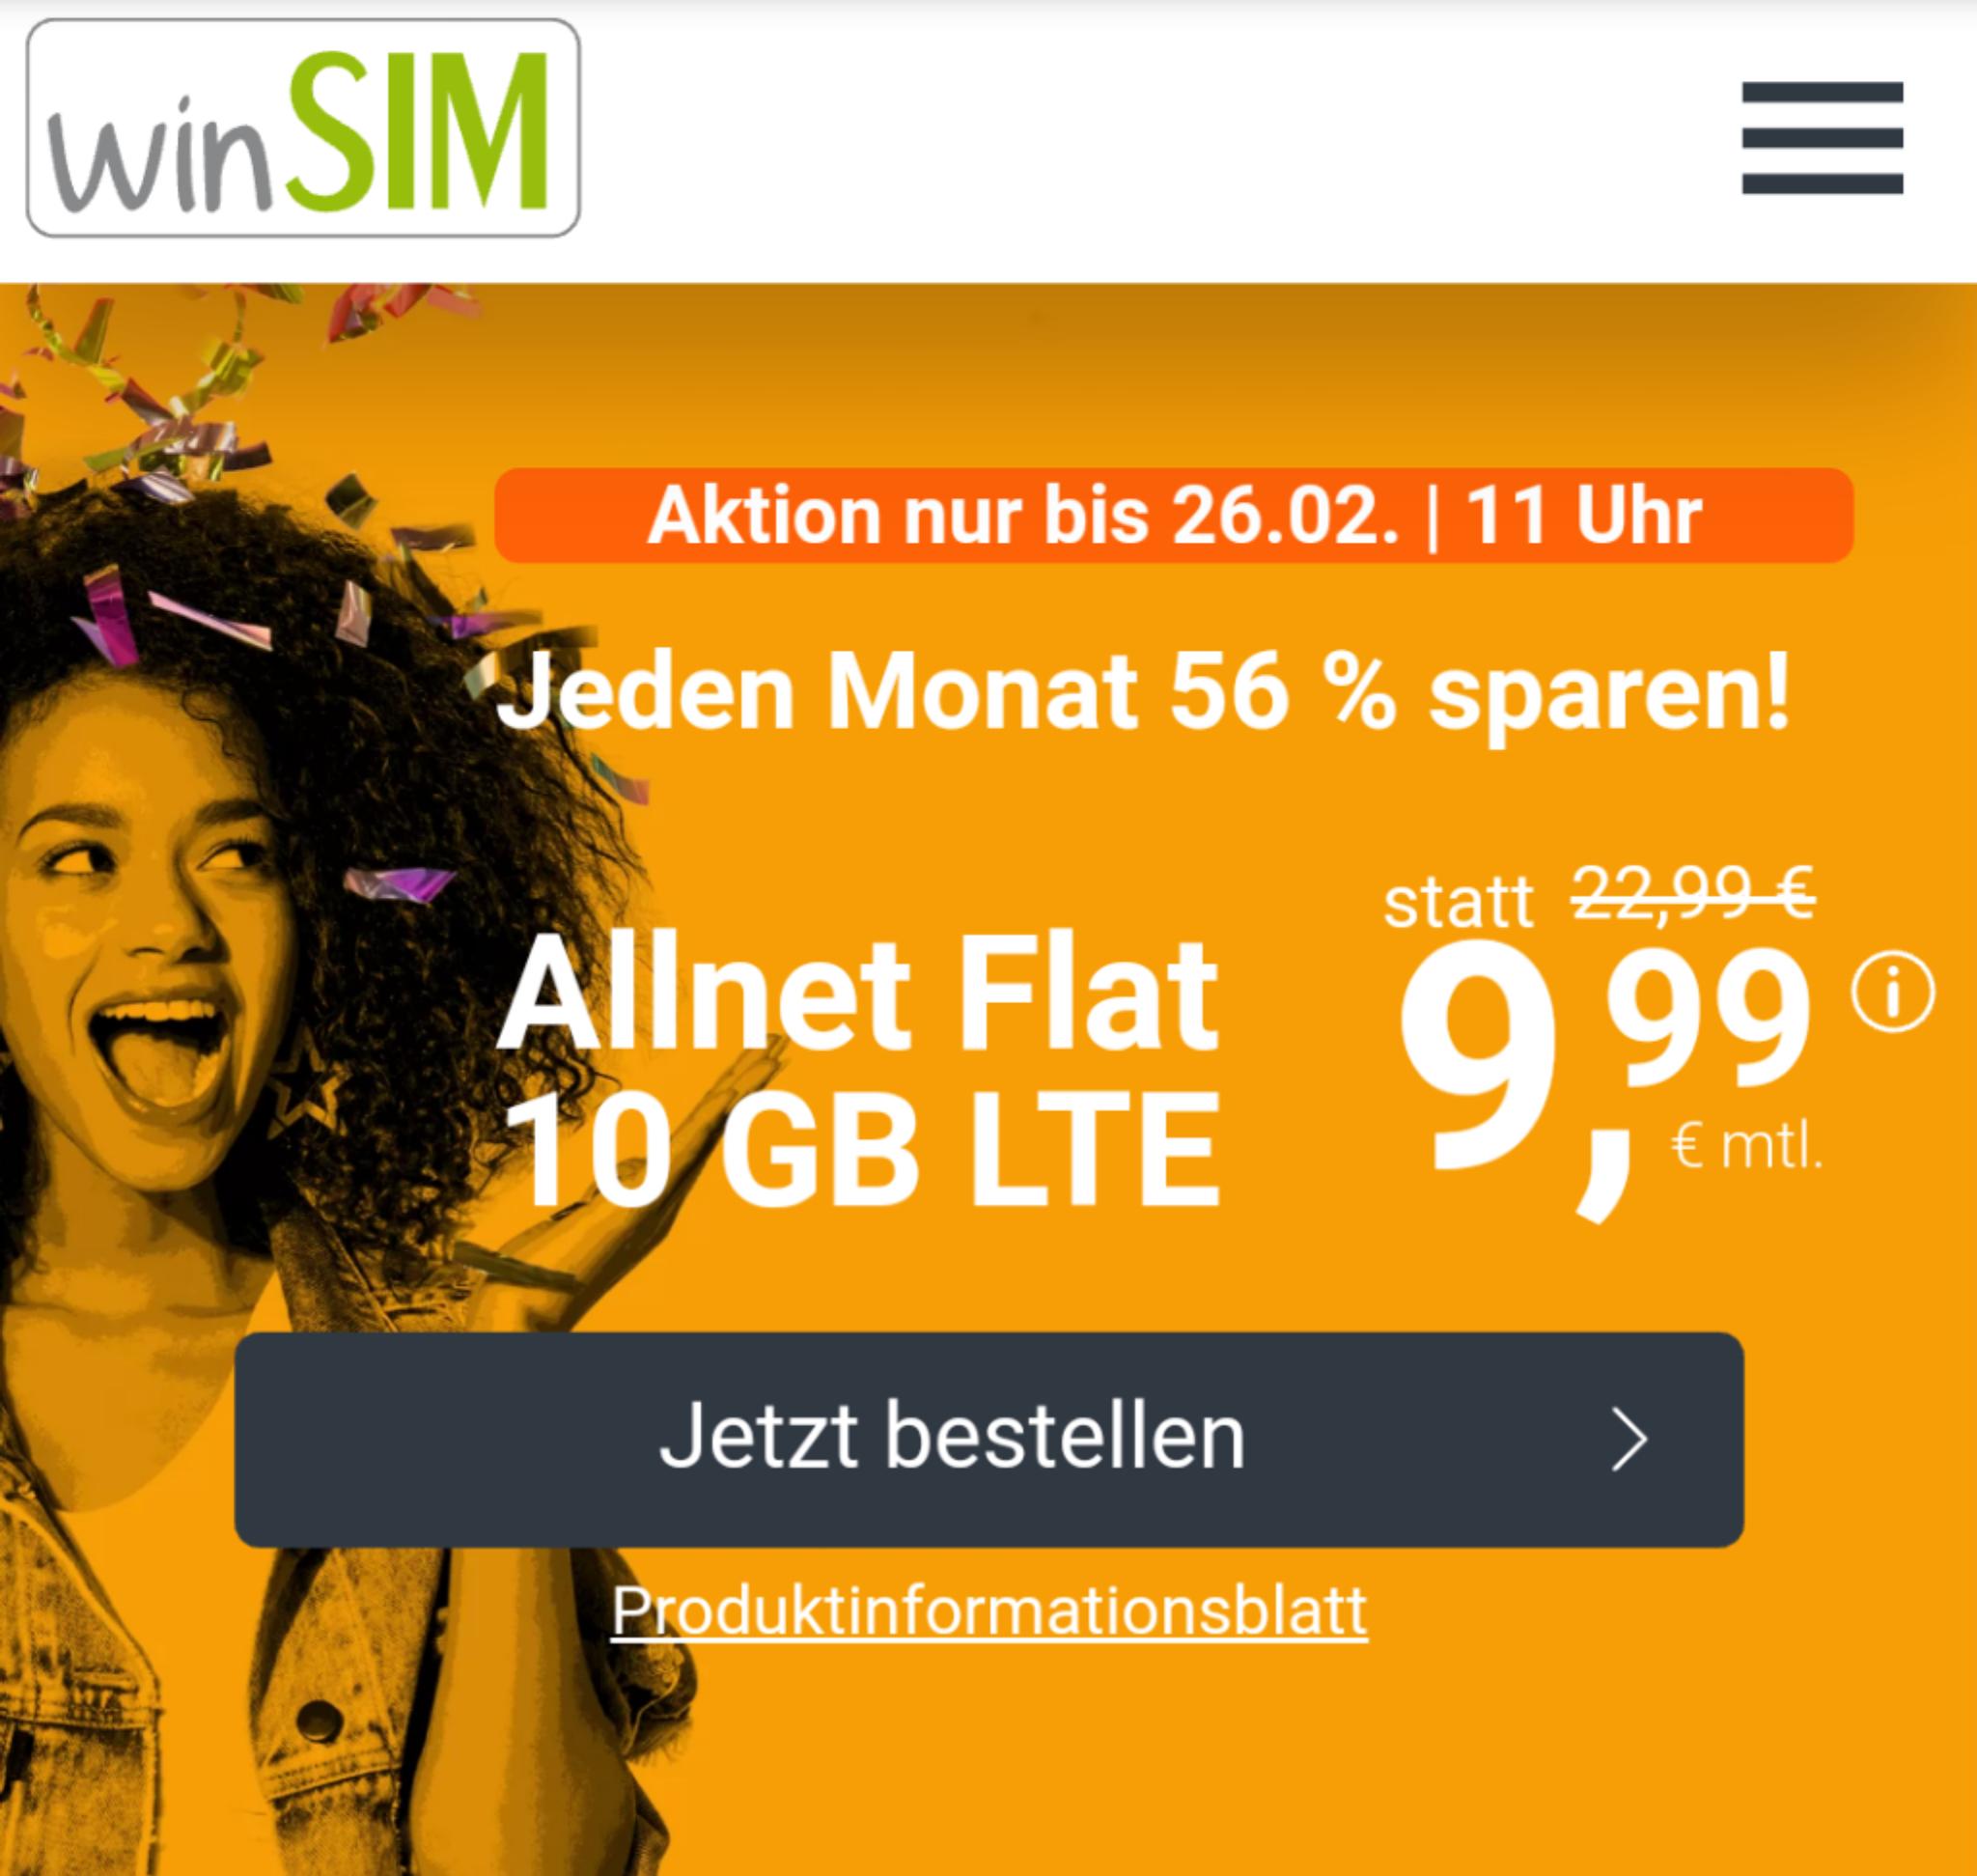 WinSIM LTE All 10GB Datenvolumen + monatlich kündbar für 9,99€